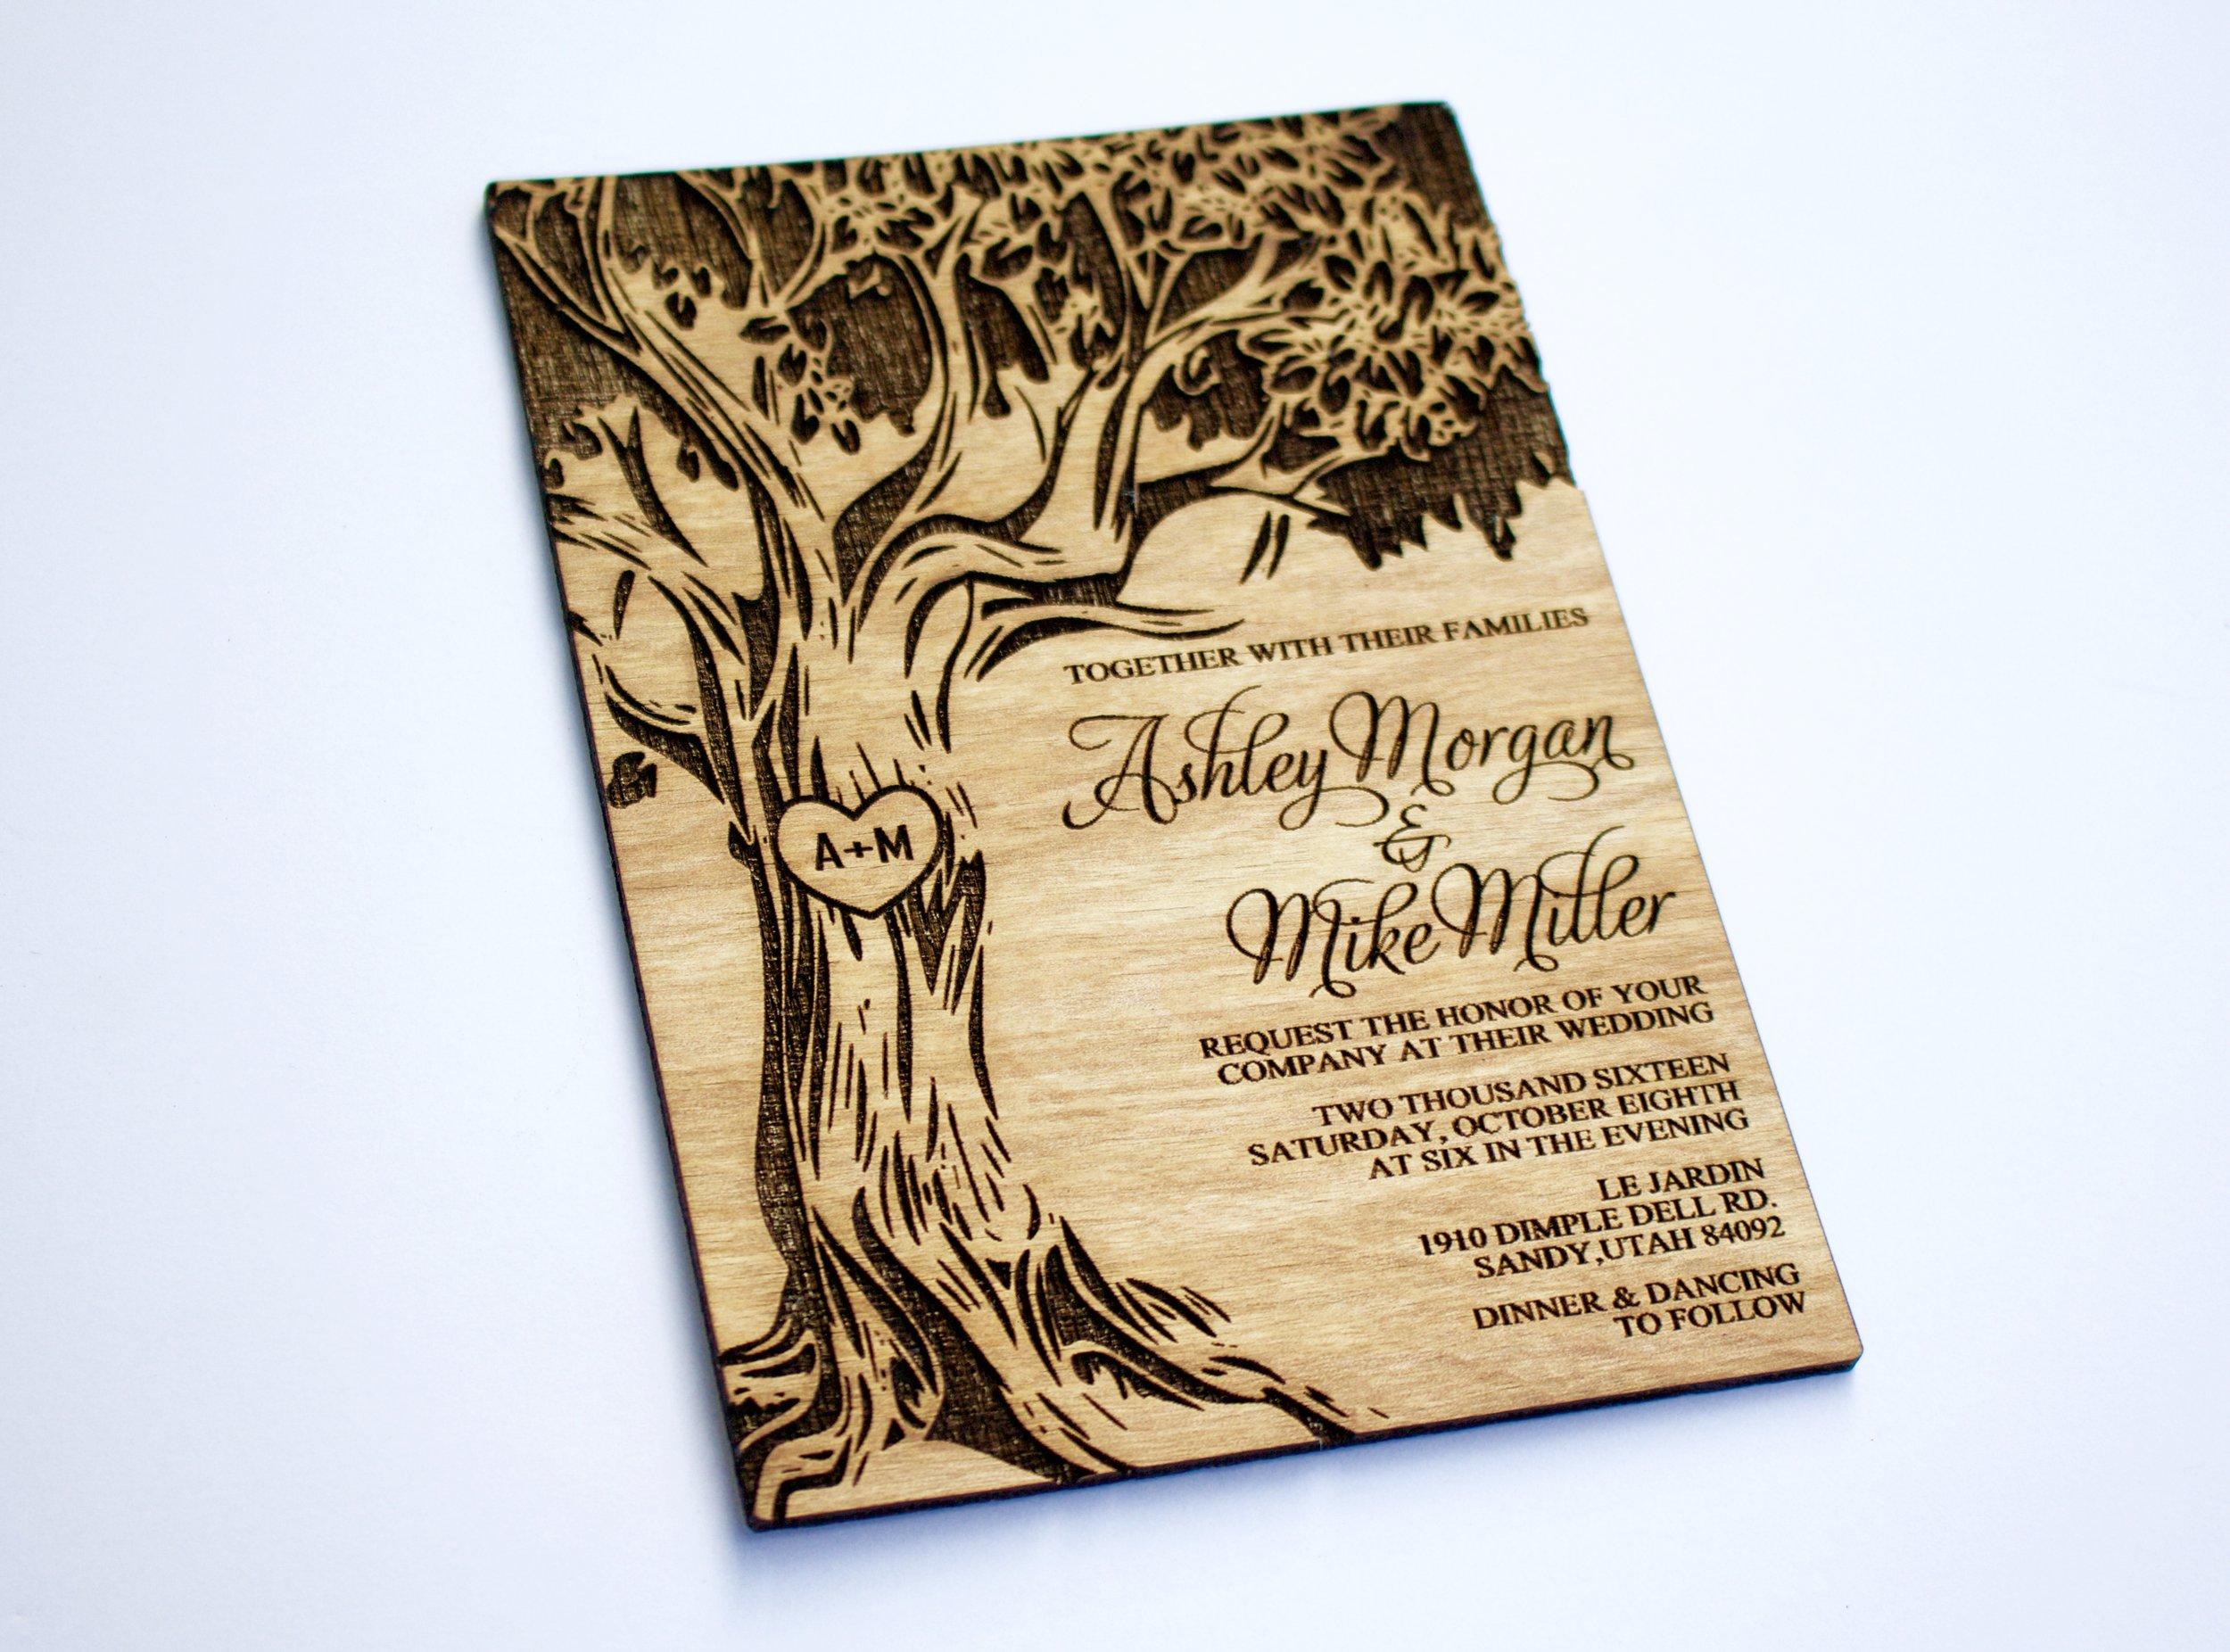 engraved invite.jpg